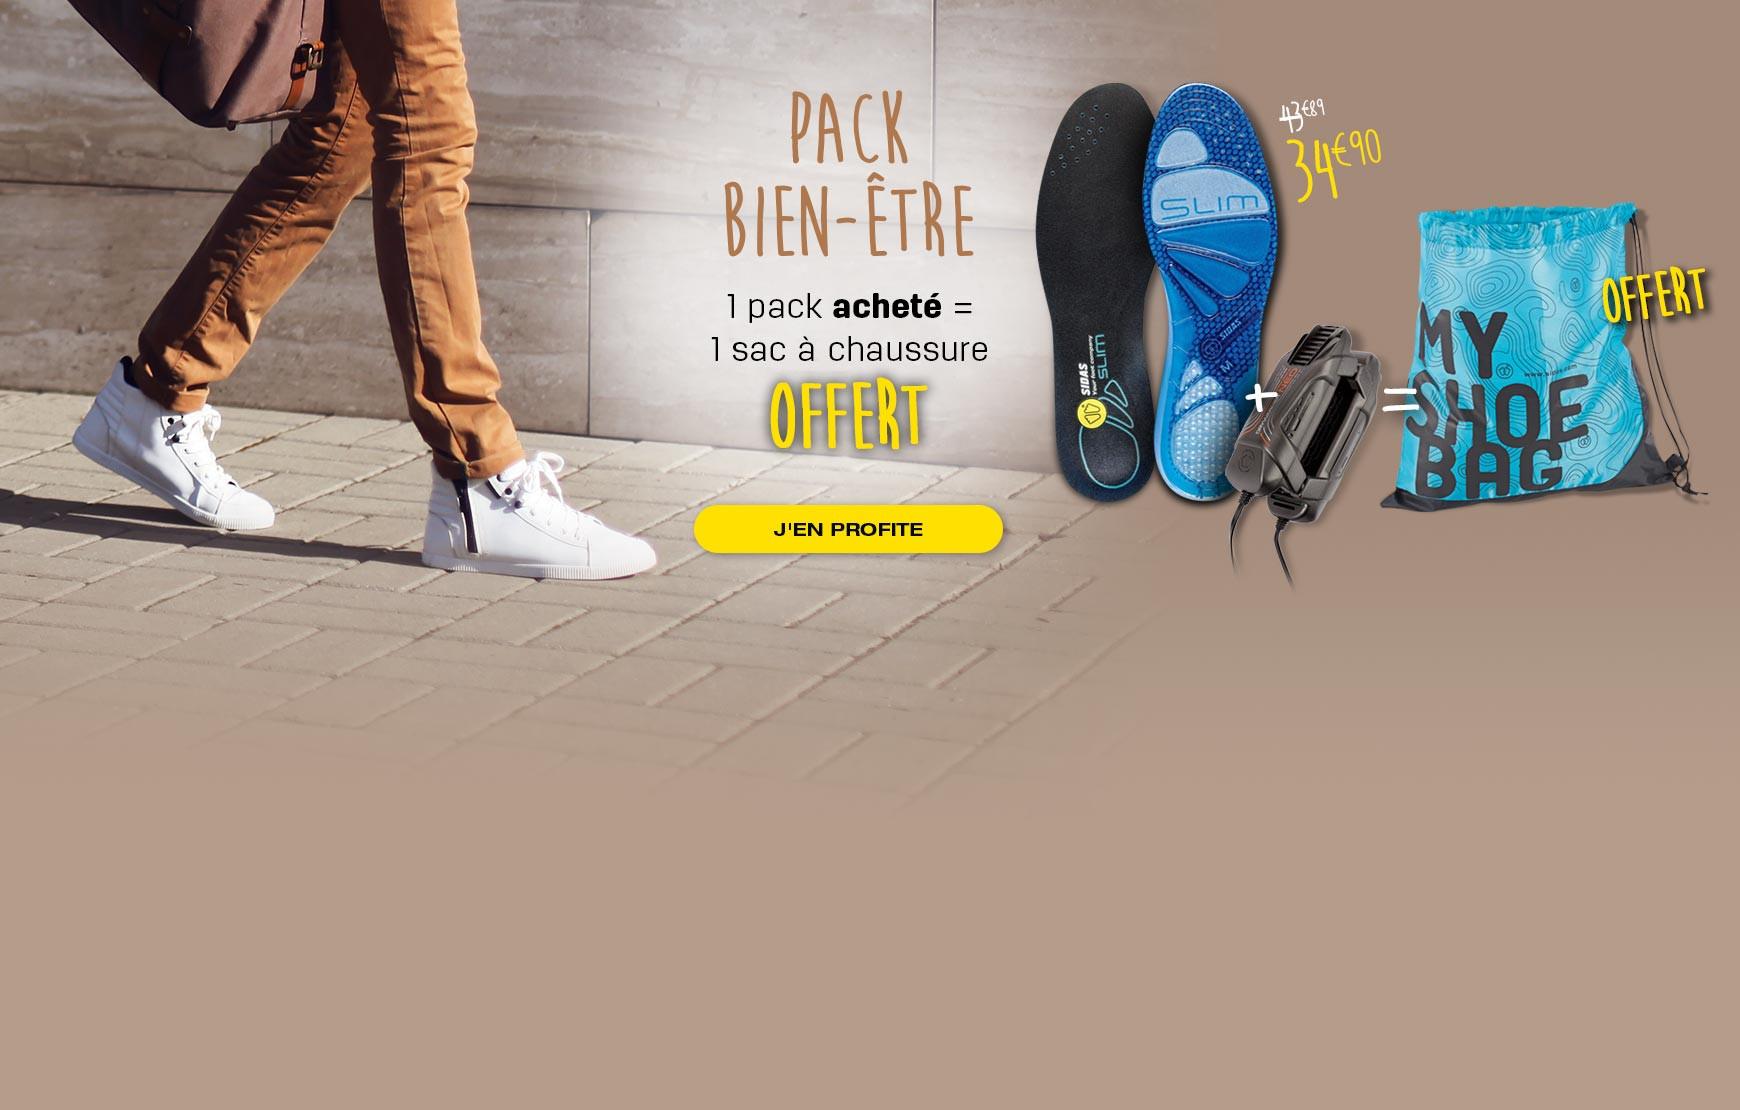 Votre sac à chaussures offert pour l'achat d'un pack bien-être